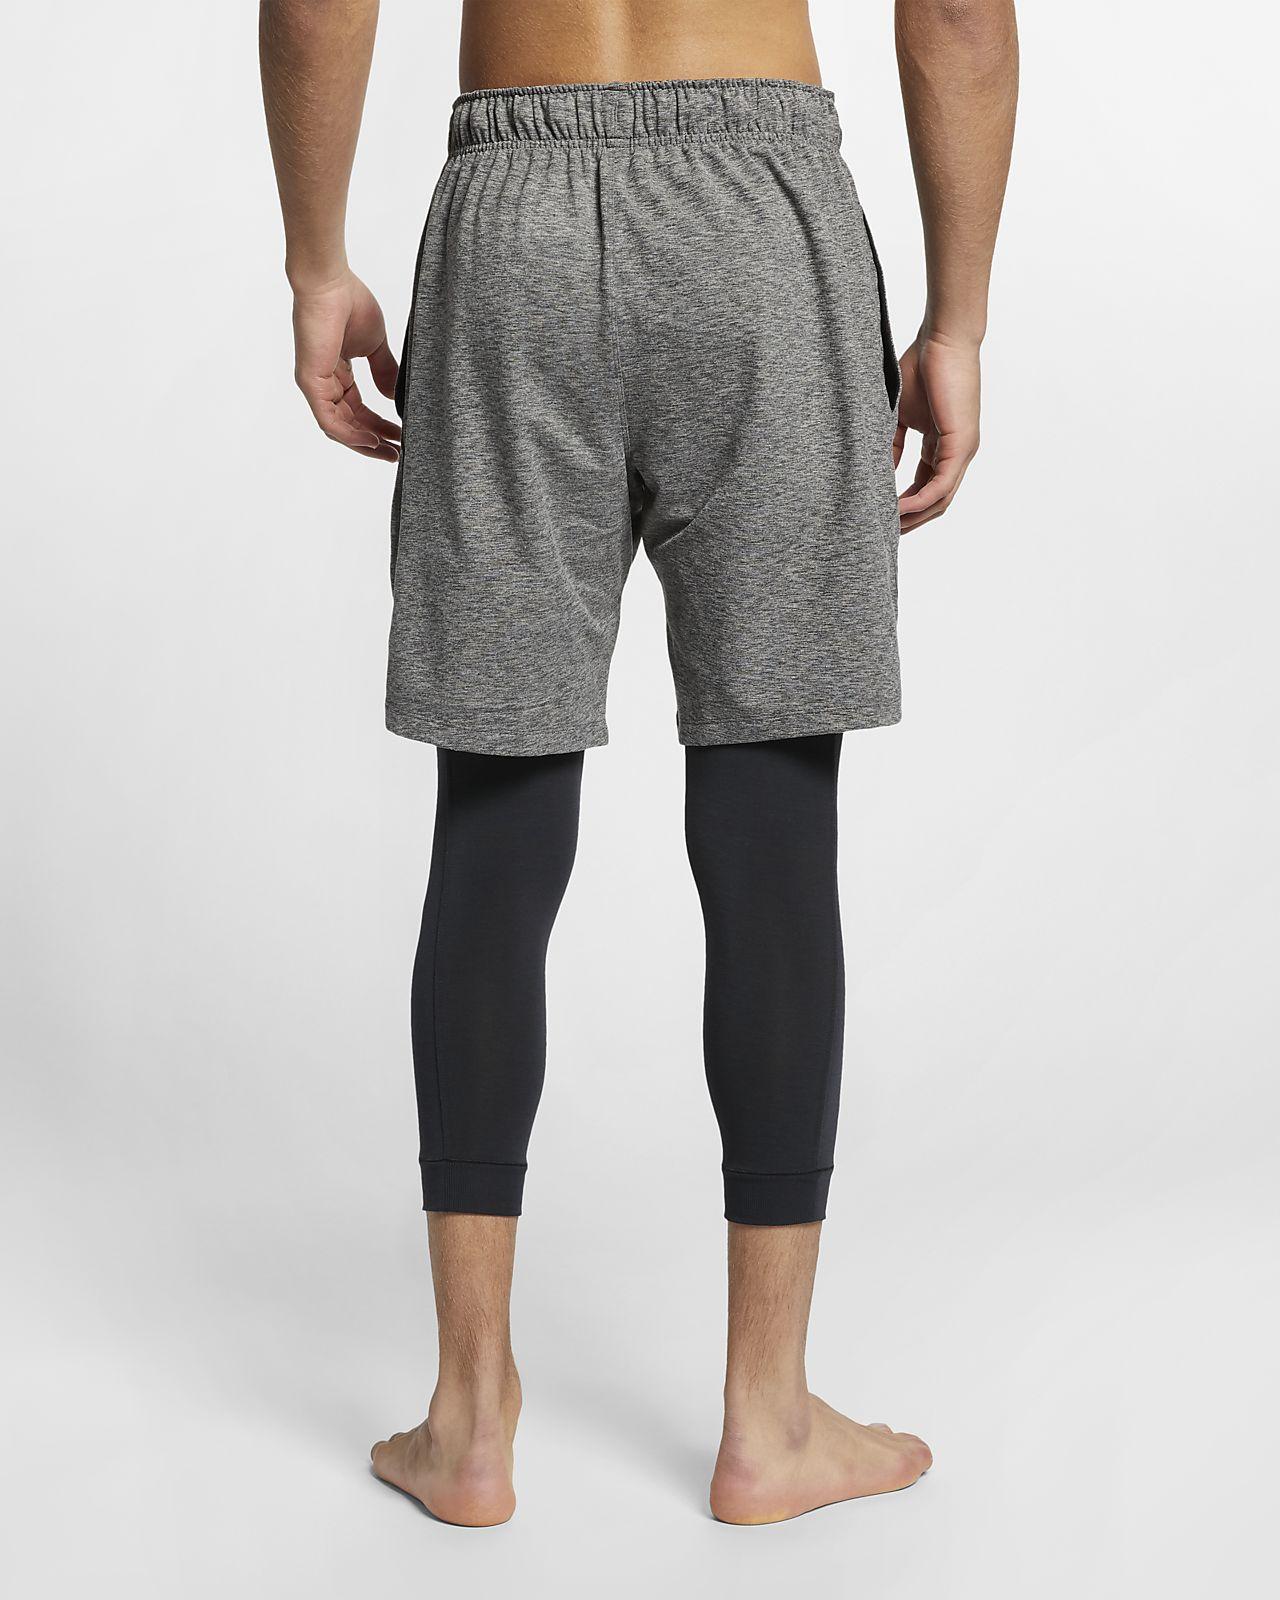 e081c089b8634 Nike Dri-FIT Men's Yoga Training Shorts. Nike.com LU